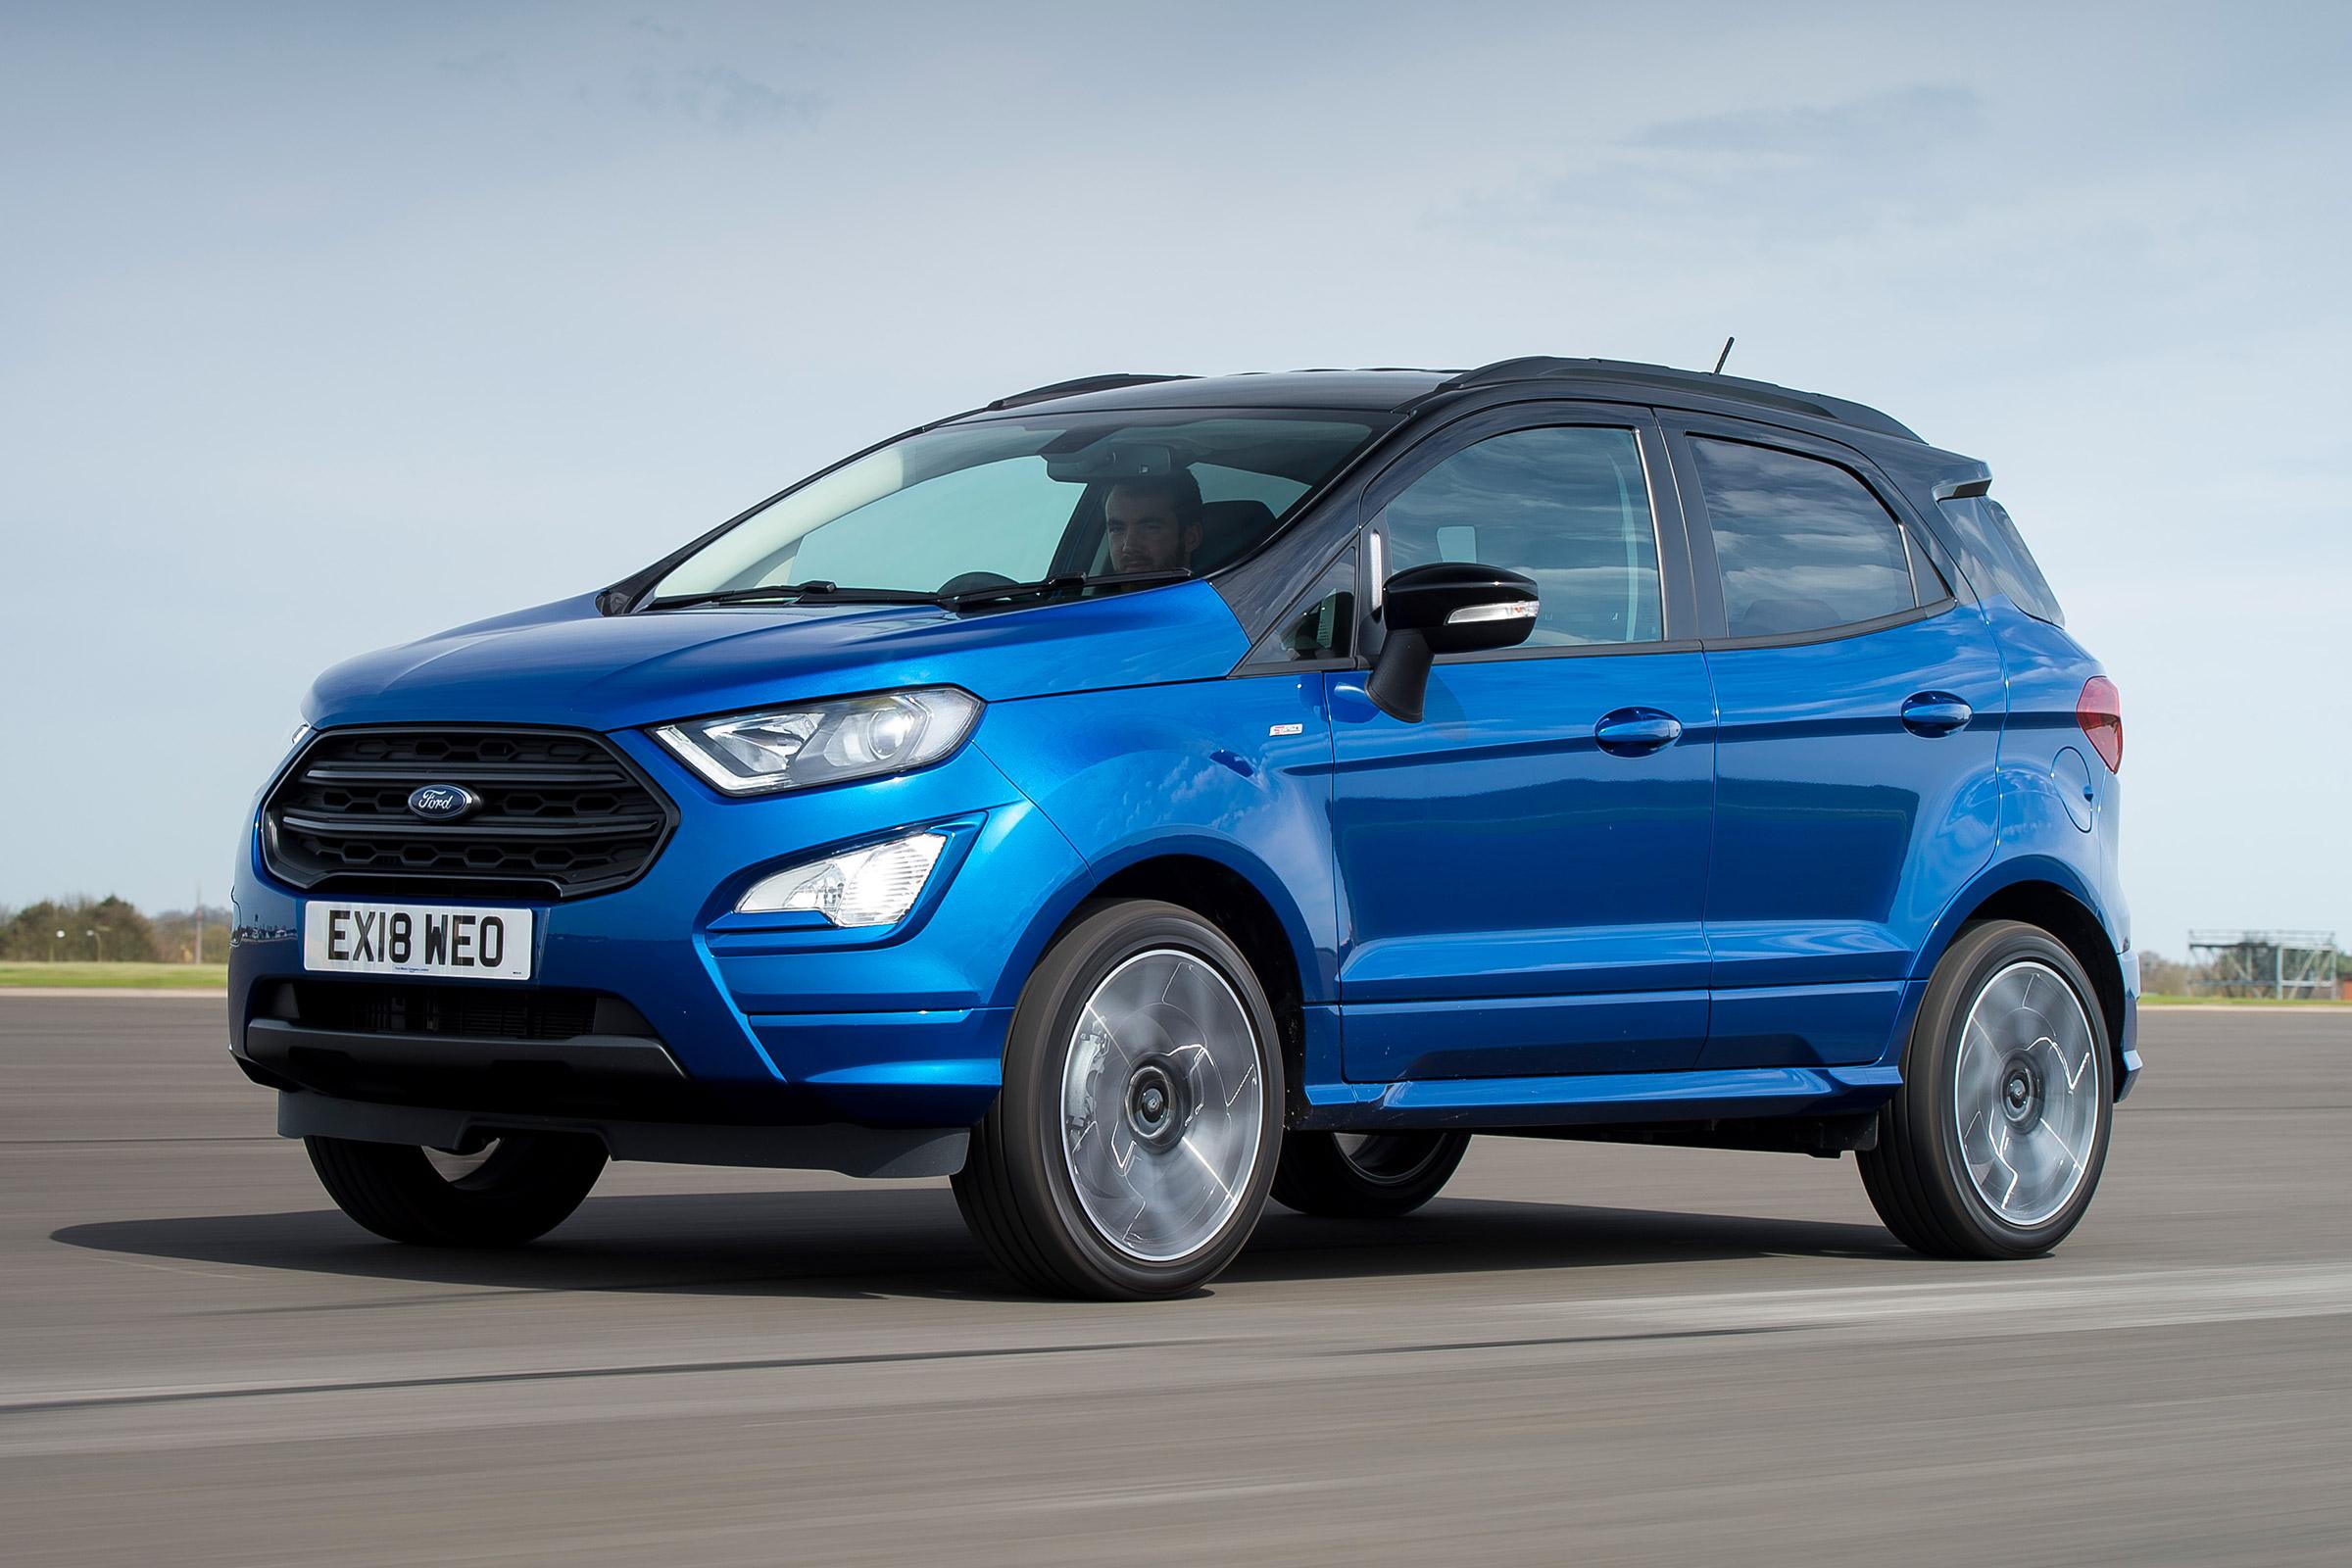 Có nên mua xe Ford Ecosport cũ không?